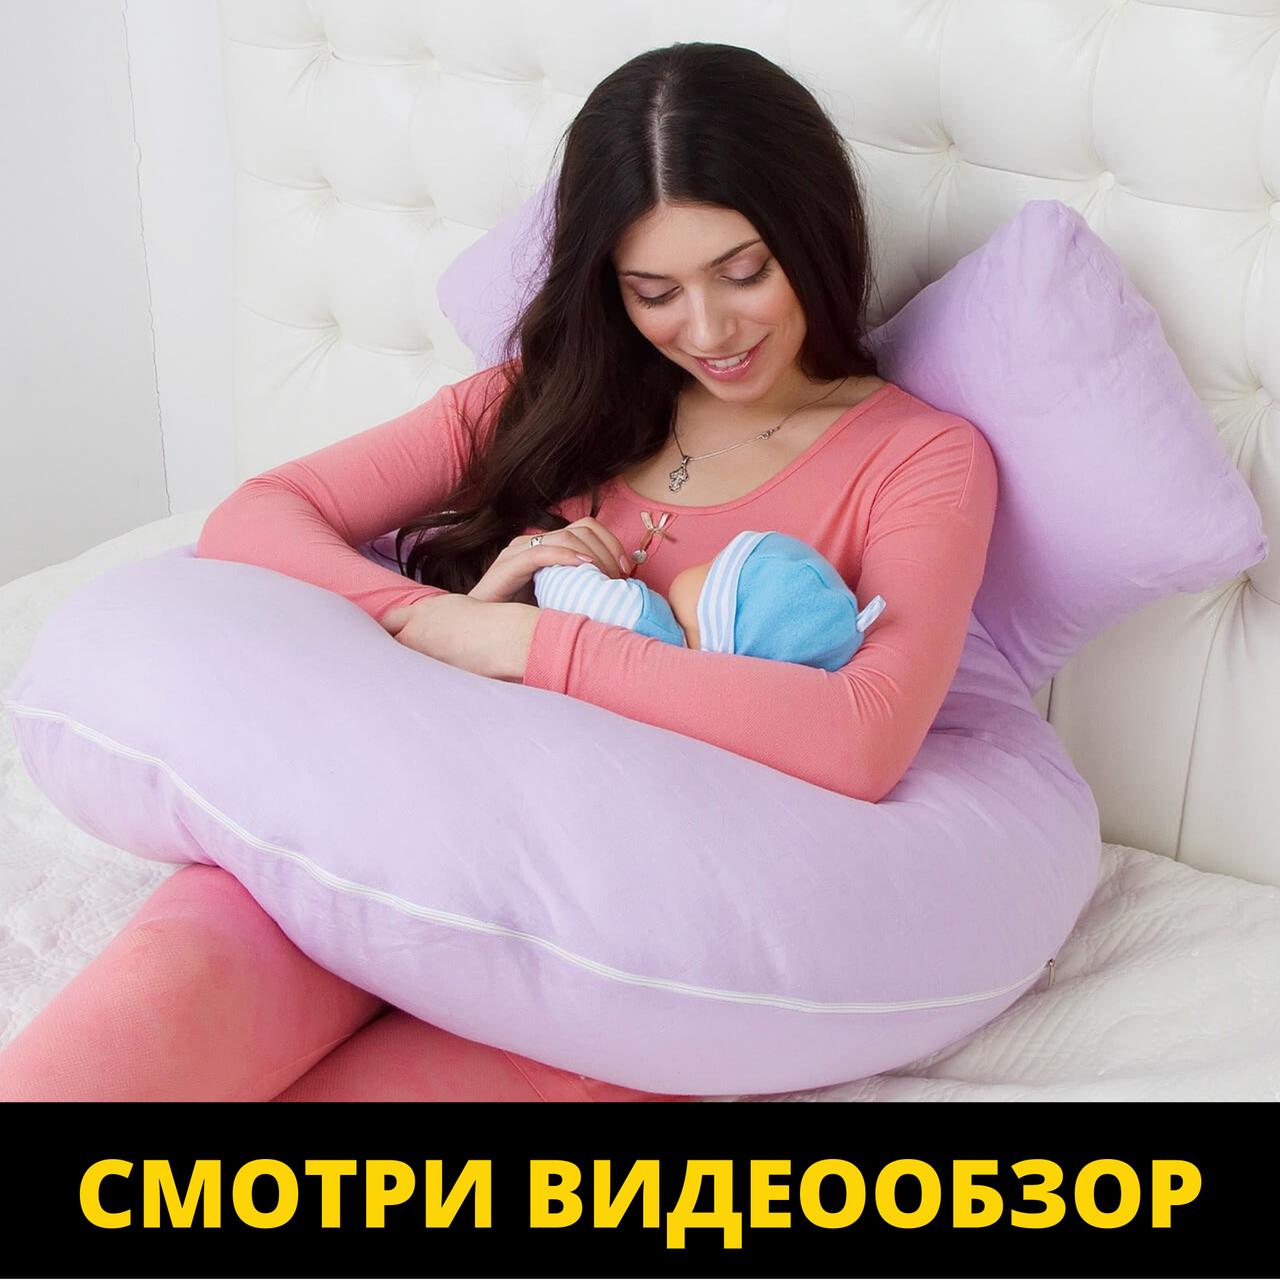 Подушки для беременных и кормления ребенка, Подушка для беременных, U-образная 160 см